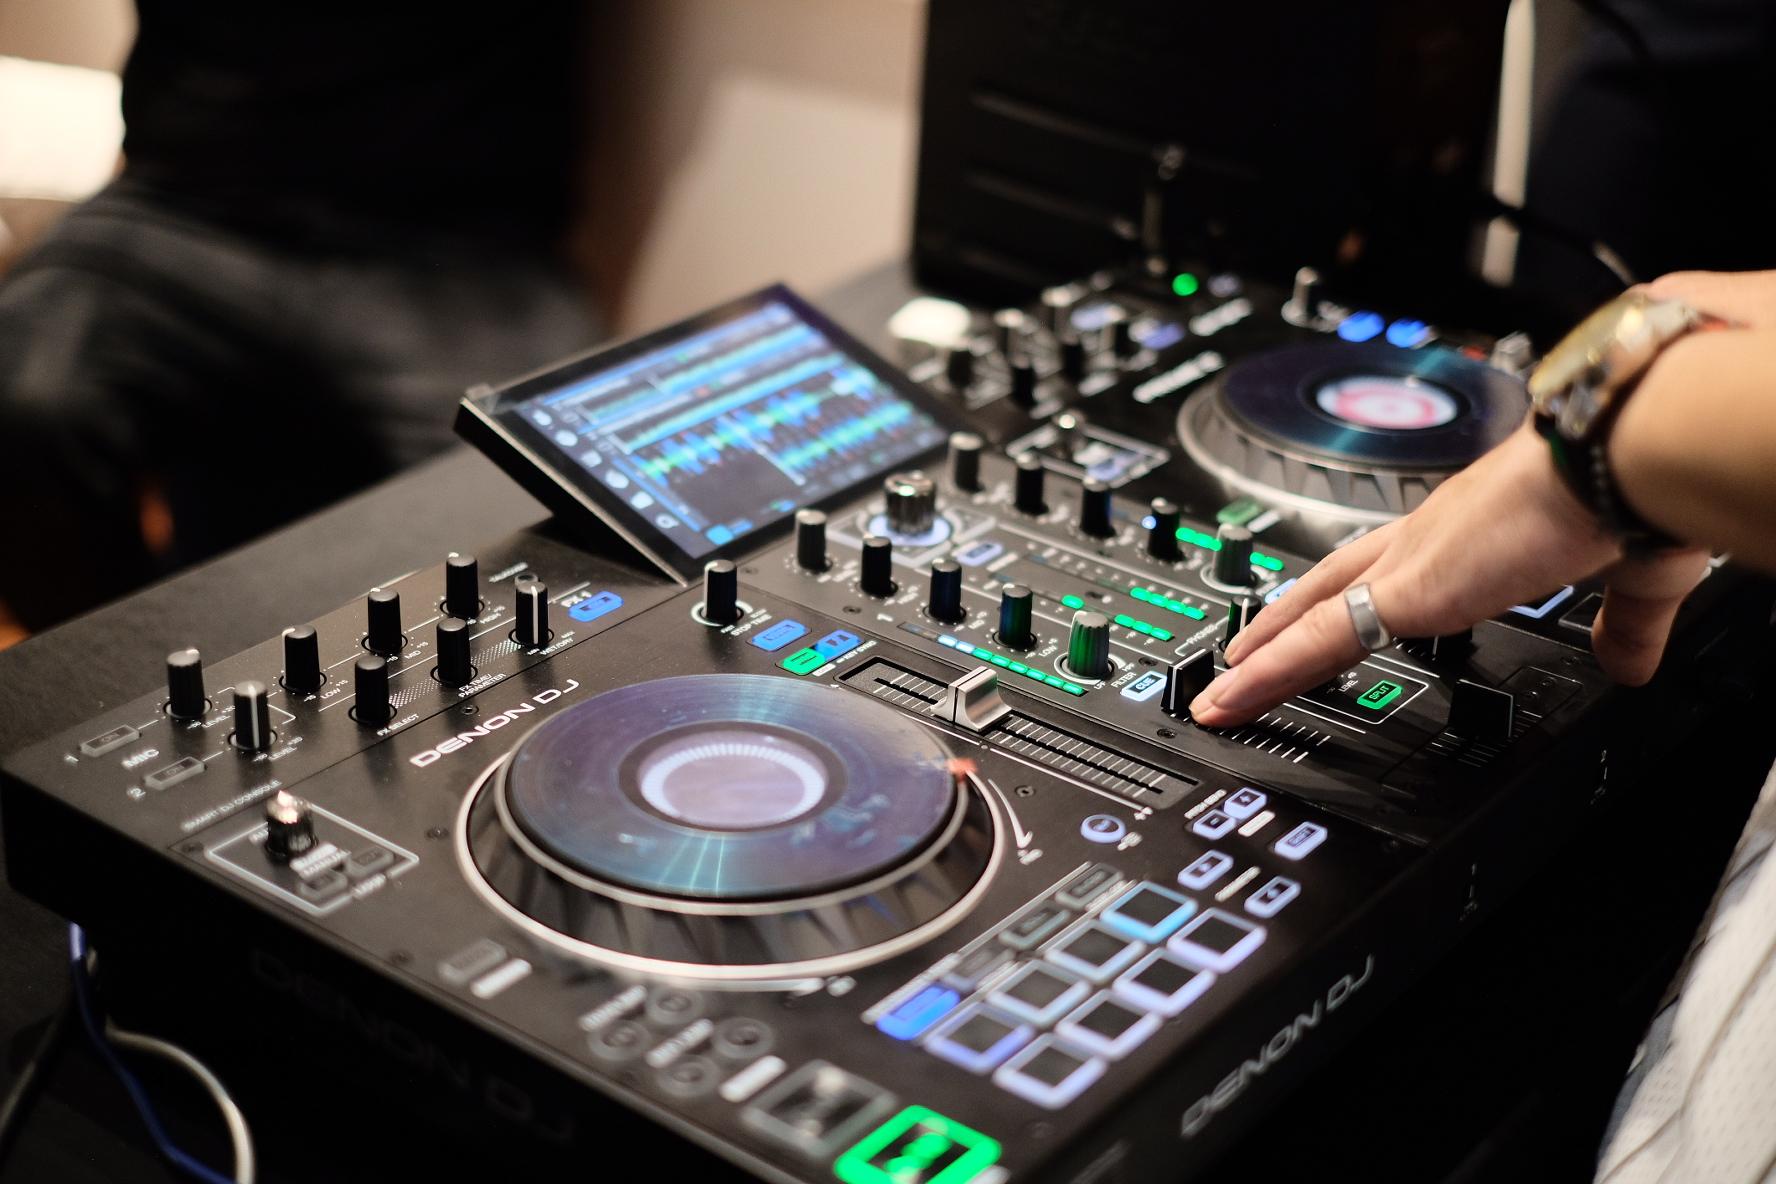 """Tuy nhiên, điều thực sự ấn tượng ở đây chính là tính năng Pad Scratch mới của nó, cho phép bạn """"chà"""" đĩa như một dân DJ chuyên nghiệp"""